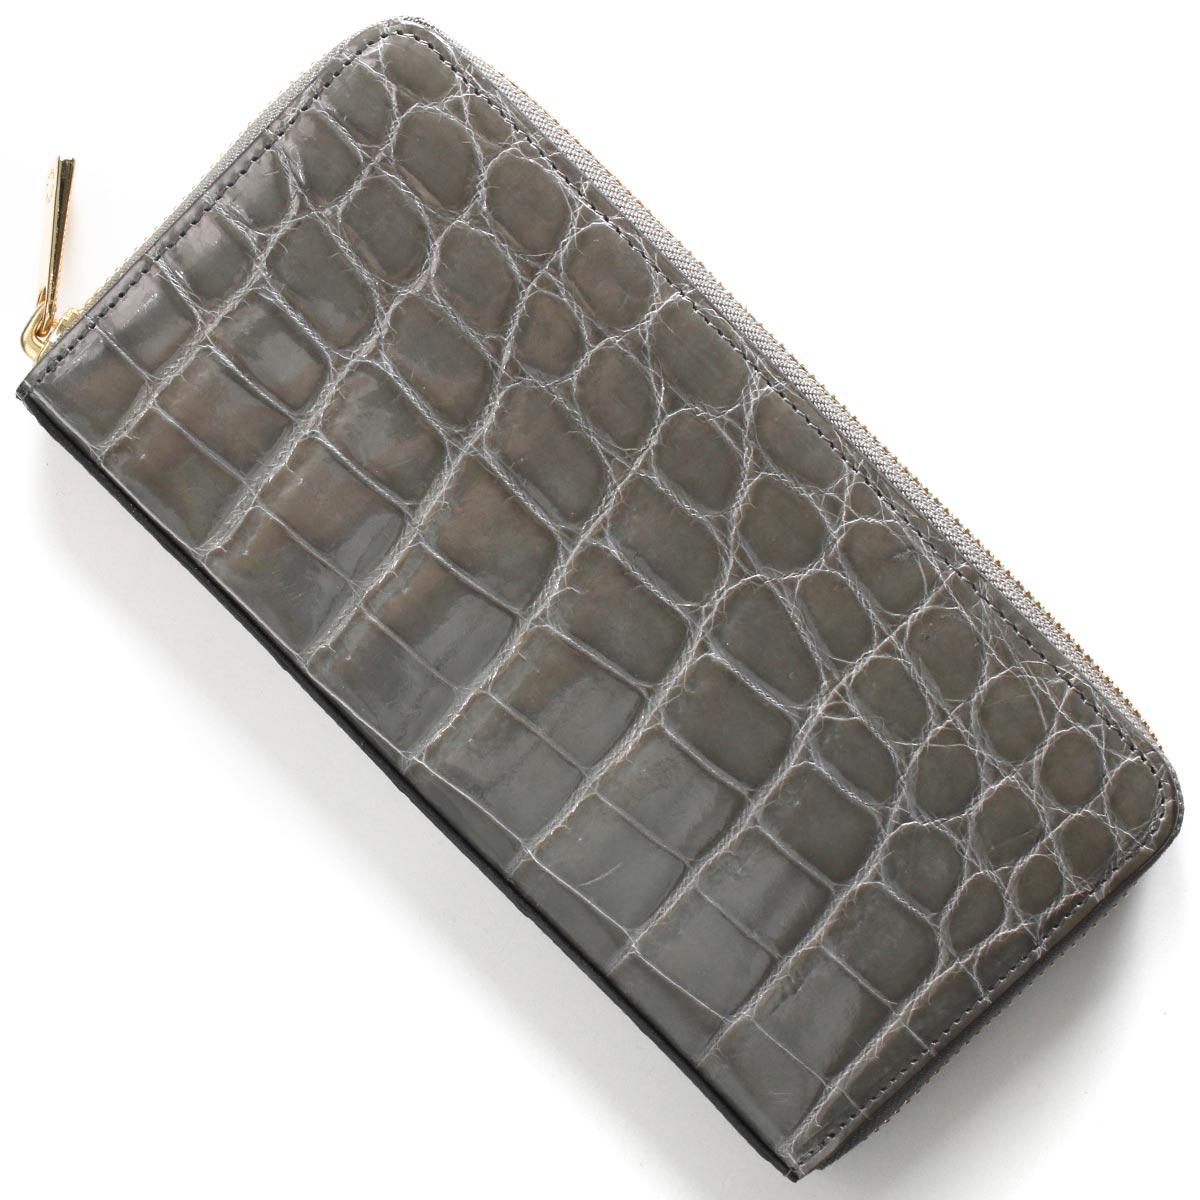 本革 長財布 財布 メンズ レディース クロコ グレー CRS002HLG GRY Leather